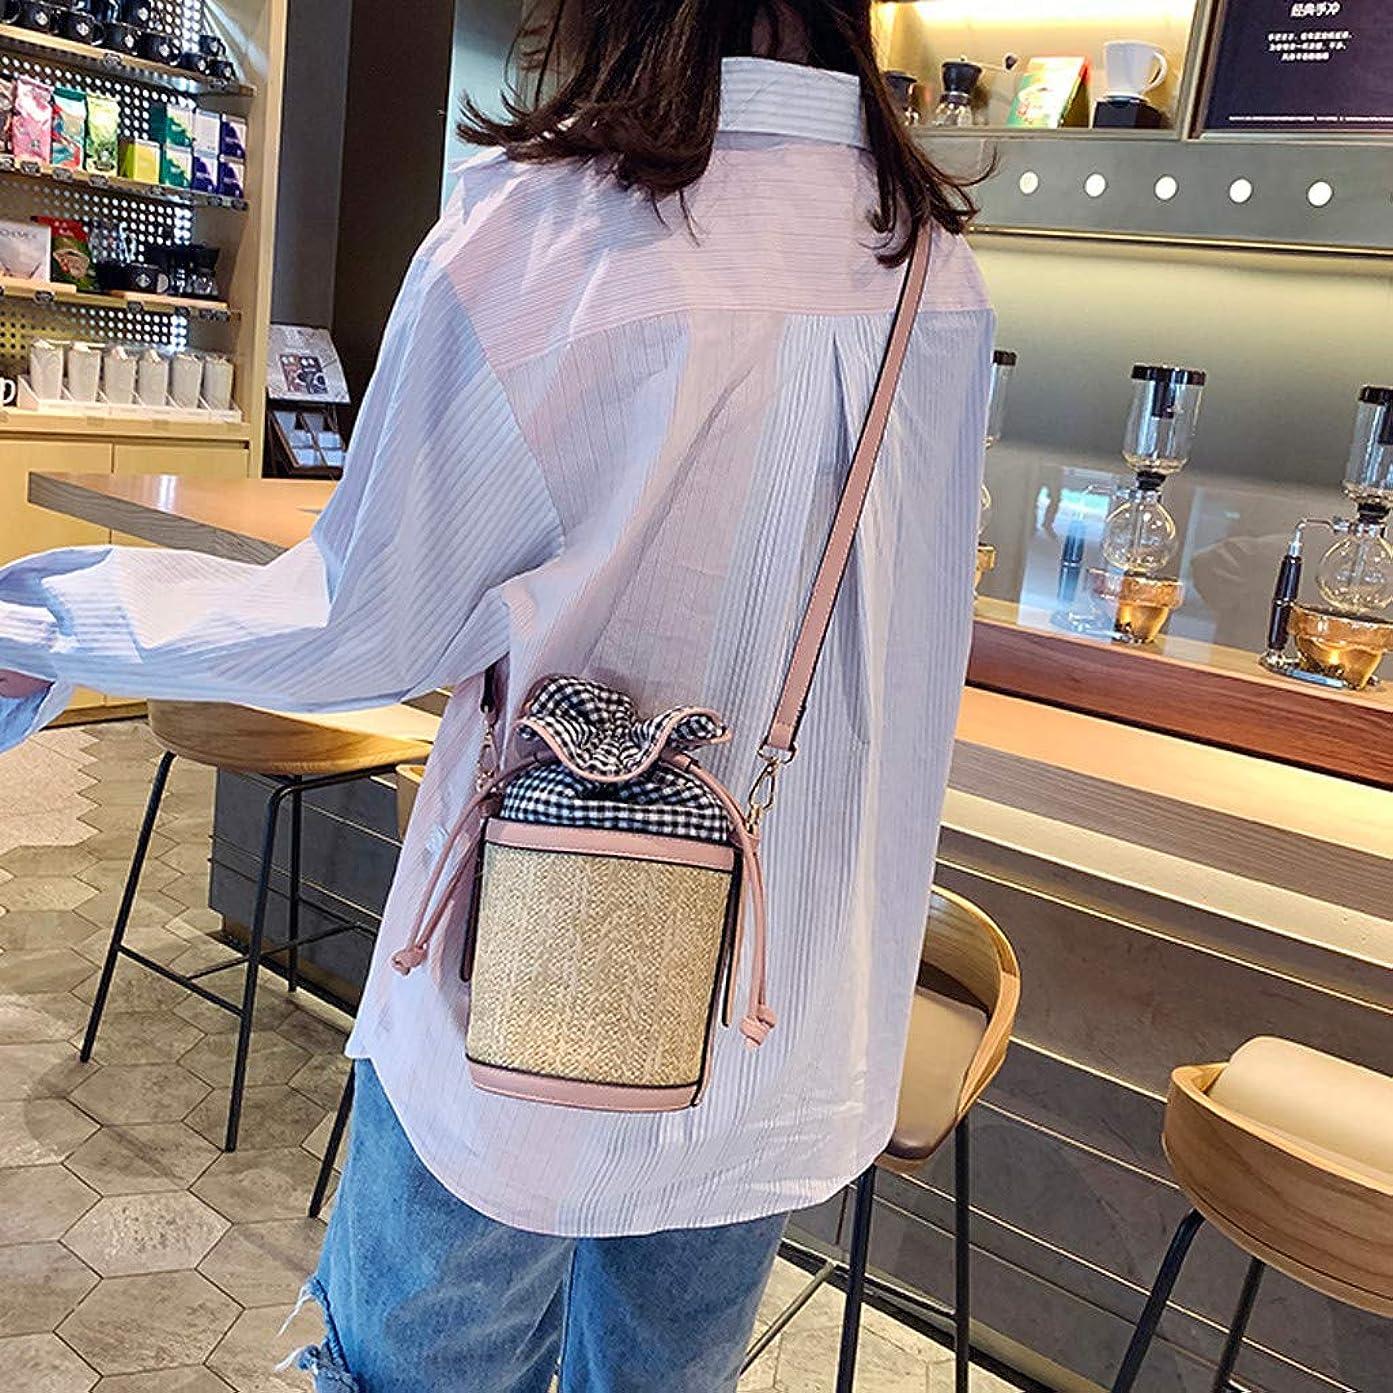 リズミカルなルーキー蒸ファッション女性レトロ織り格子革バケットバッグクロスボディバッグショルダーバッグ、女性のヴィンテージ織格子縞ステッチバケットバッグ斜めバッグ (ピンク)